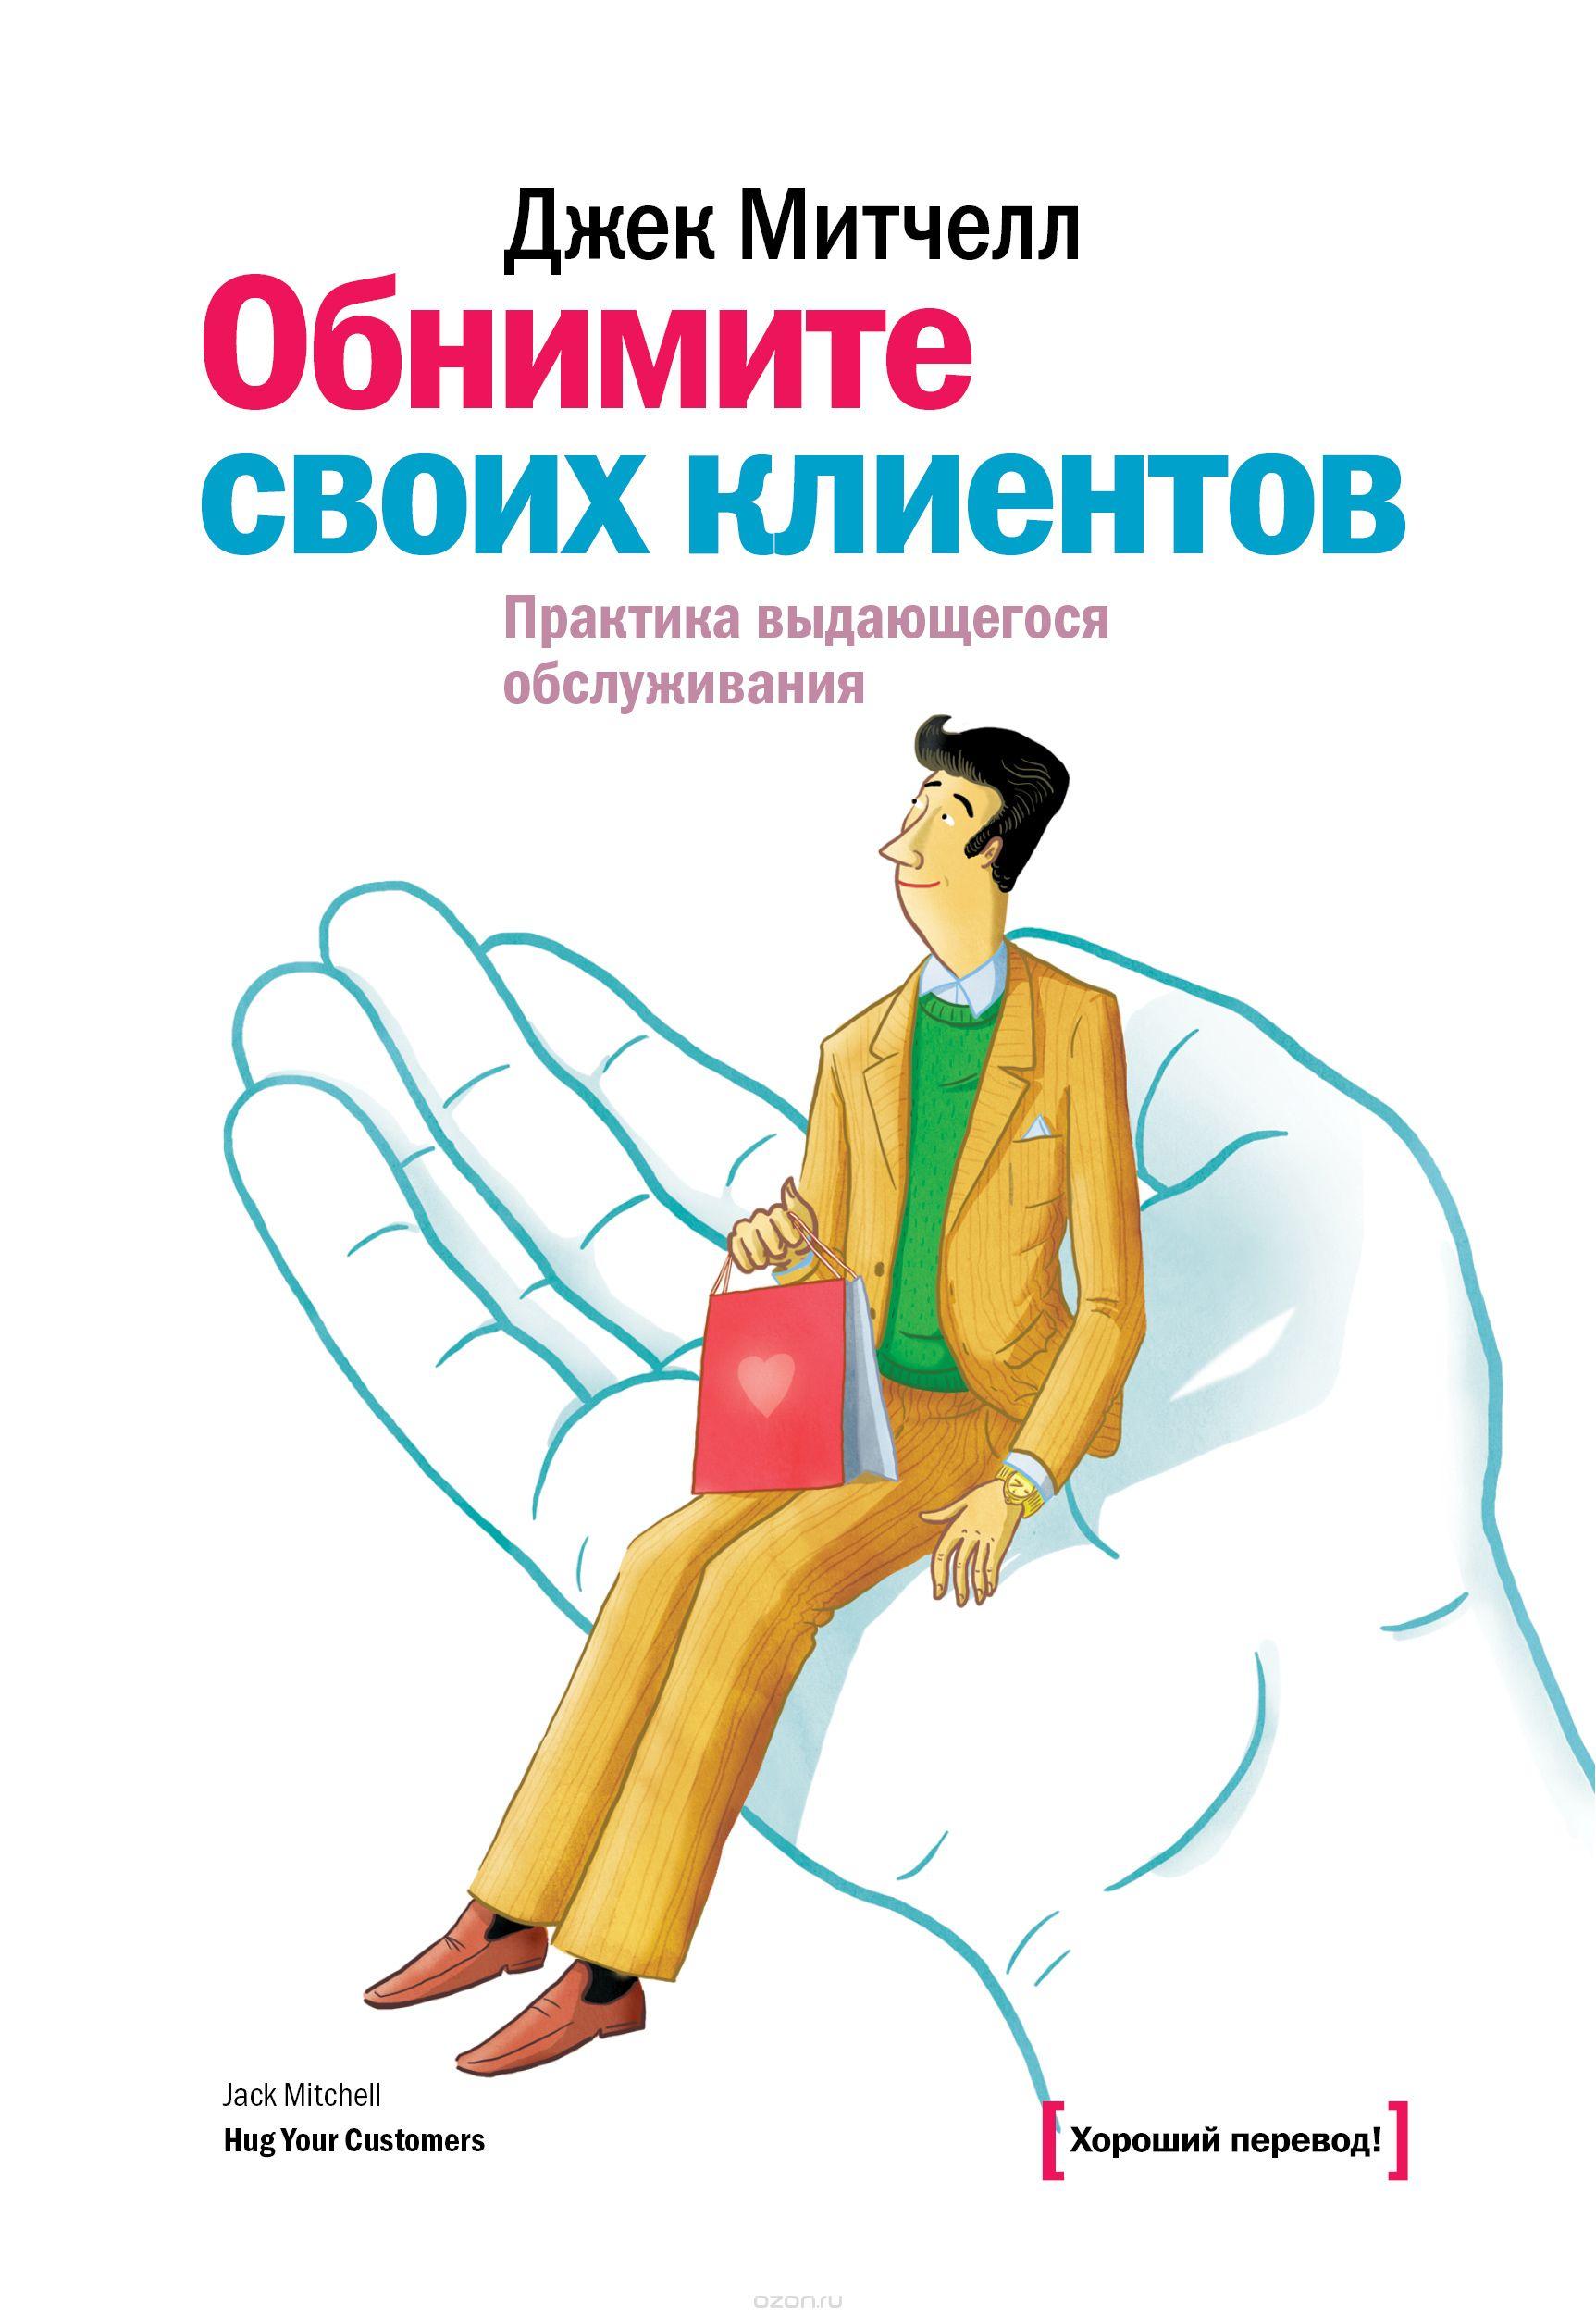 Книга обнимите своих клиентов